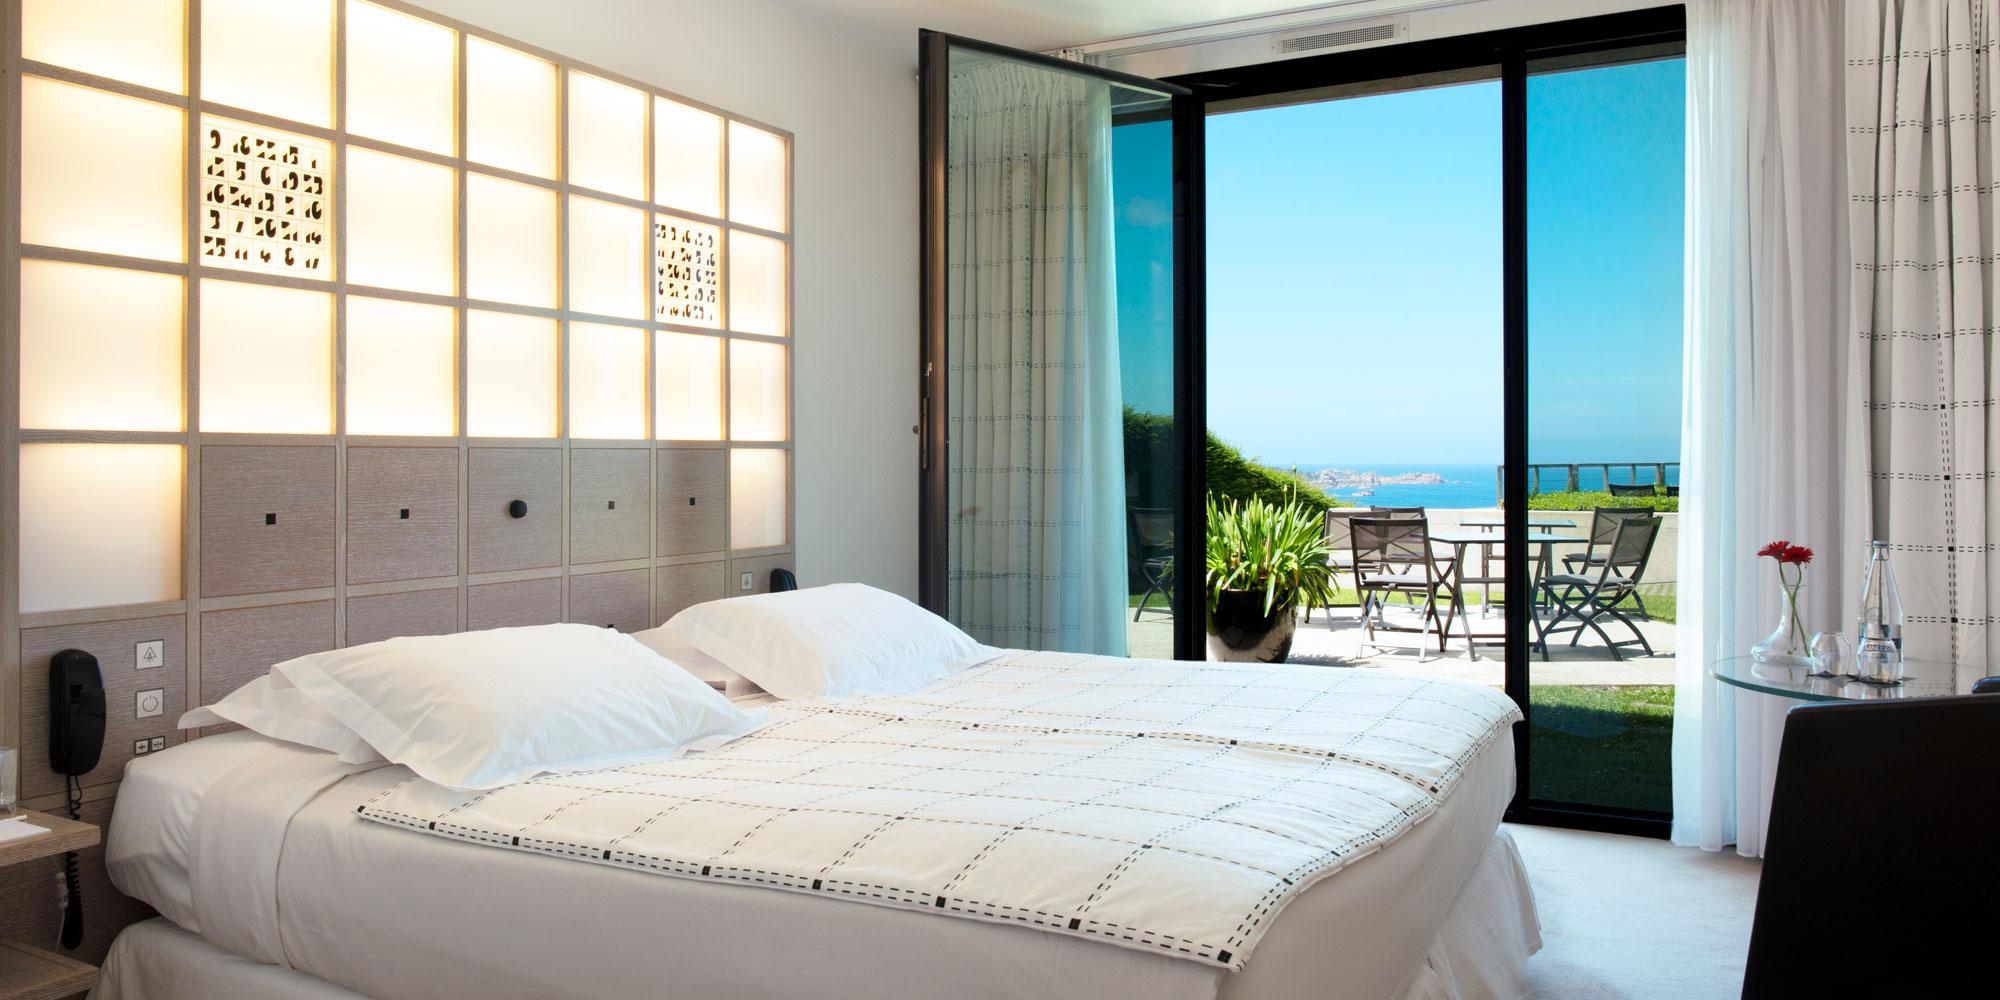 hotel l 39 agapa perros guirec brittany france eden. Black Bedroom Furniture Sets. Home Design Ideas